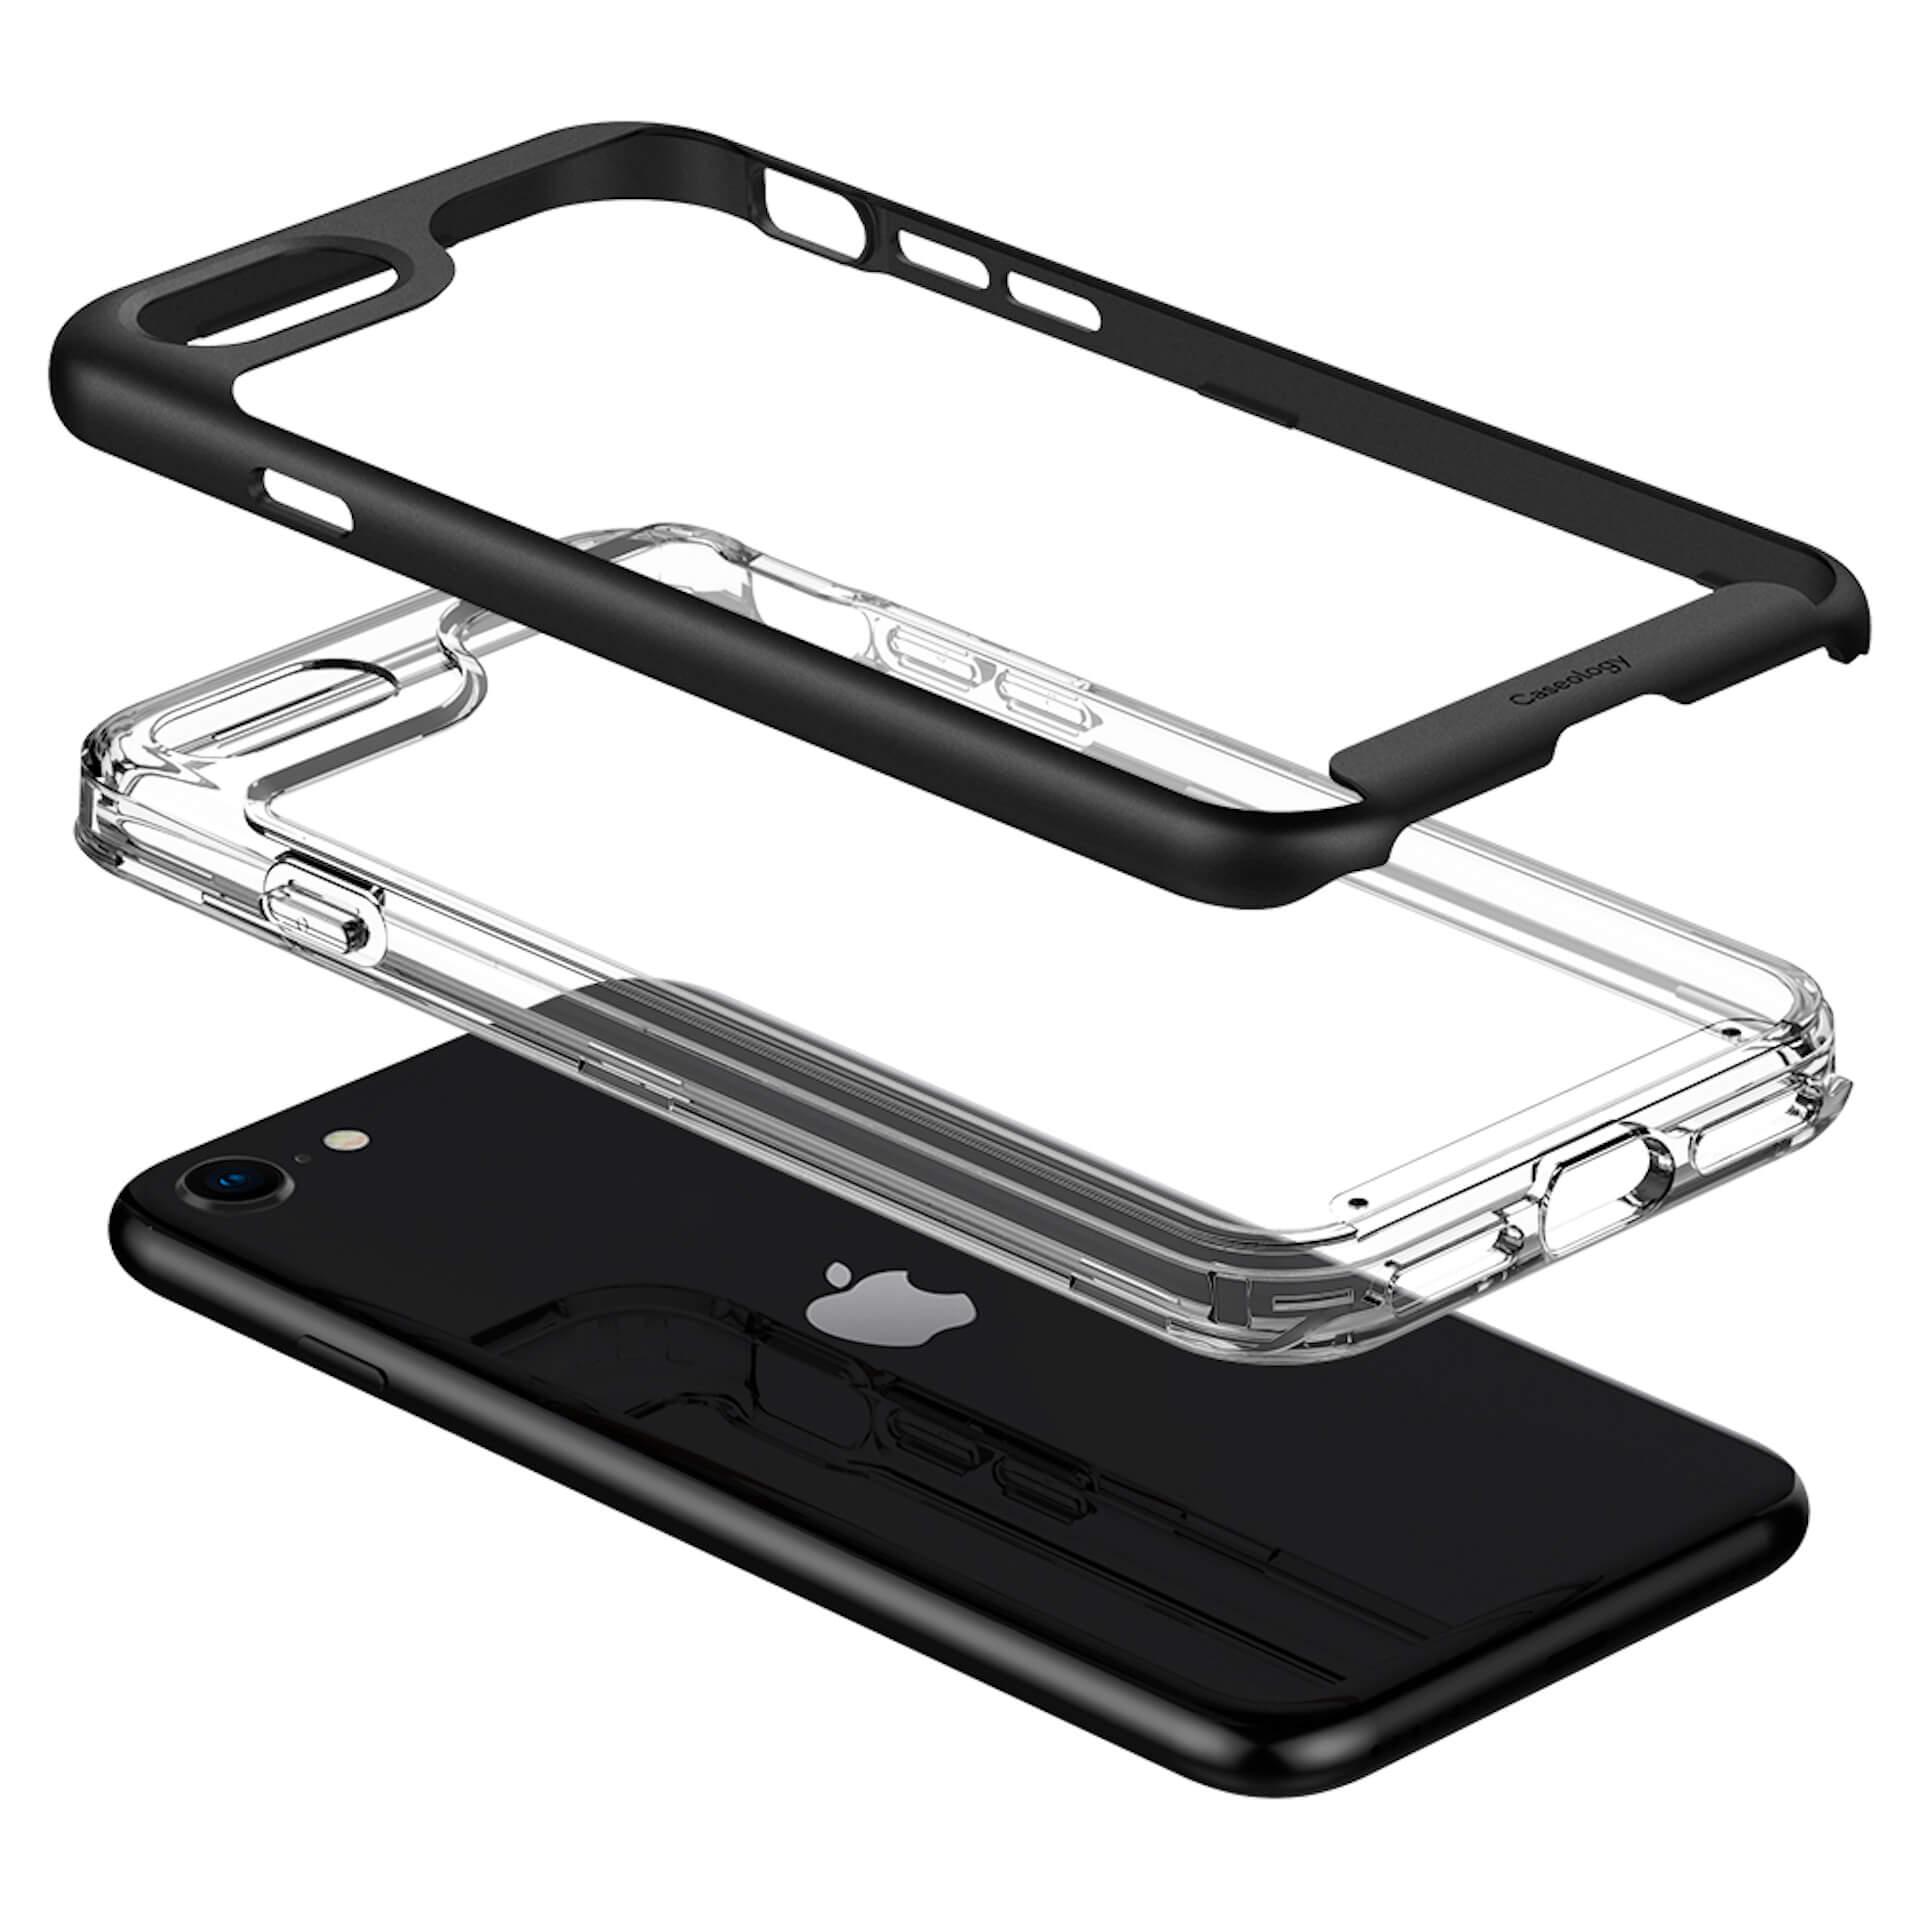 本日予約受付開始のiPhone SE用のCaseologyスマホケースが発売!Amazonにてキャンペーンも tech200417_iphonese_case_2